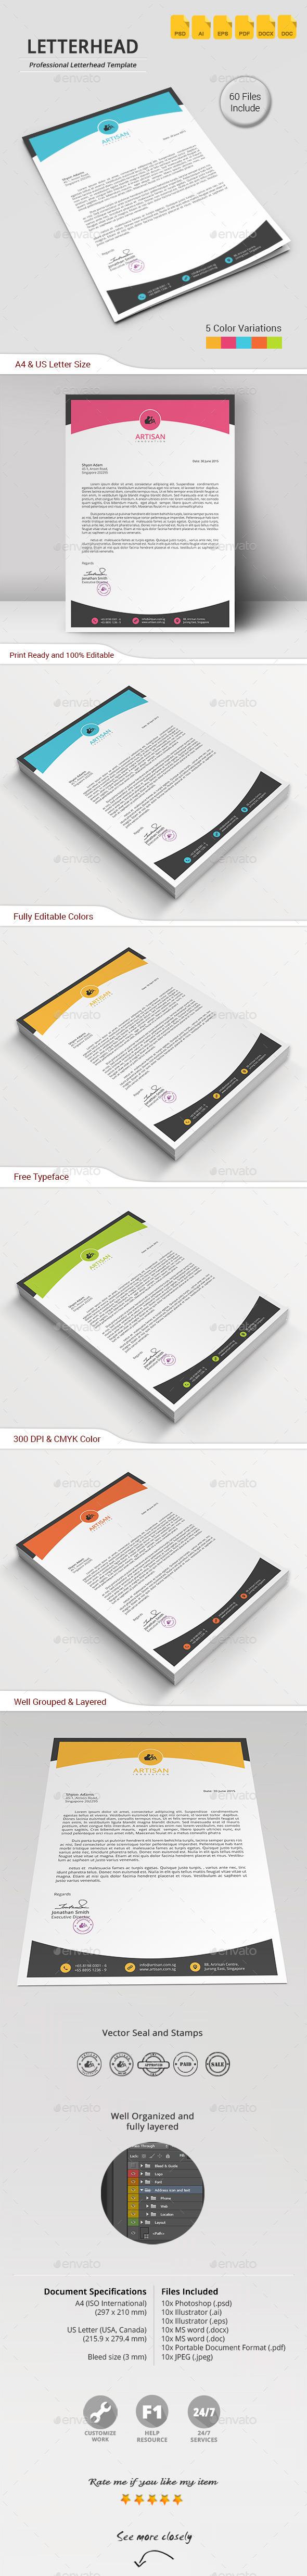 GraphicRiver Letterhead 11767373